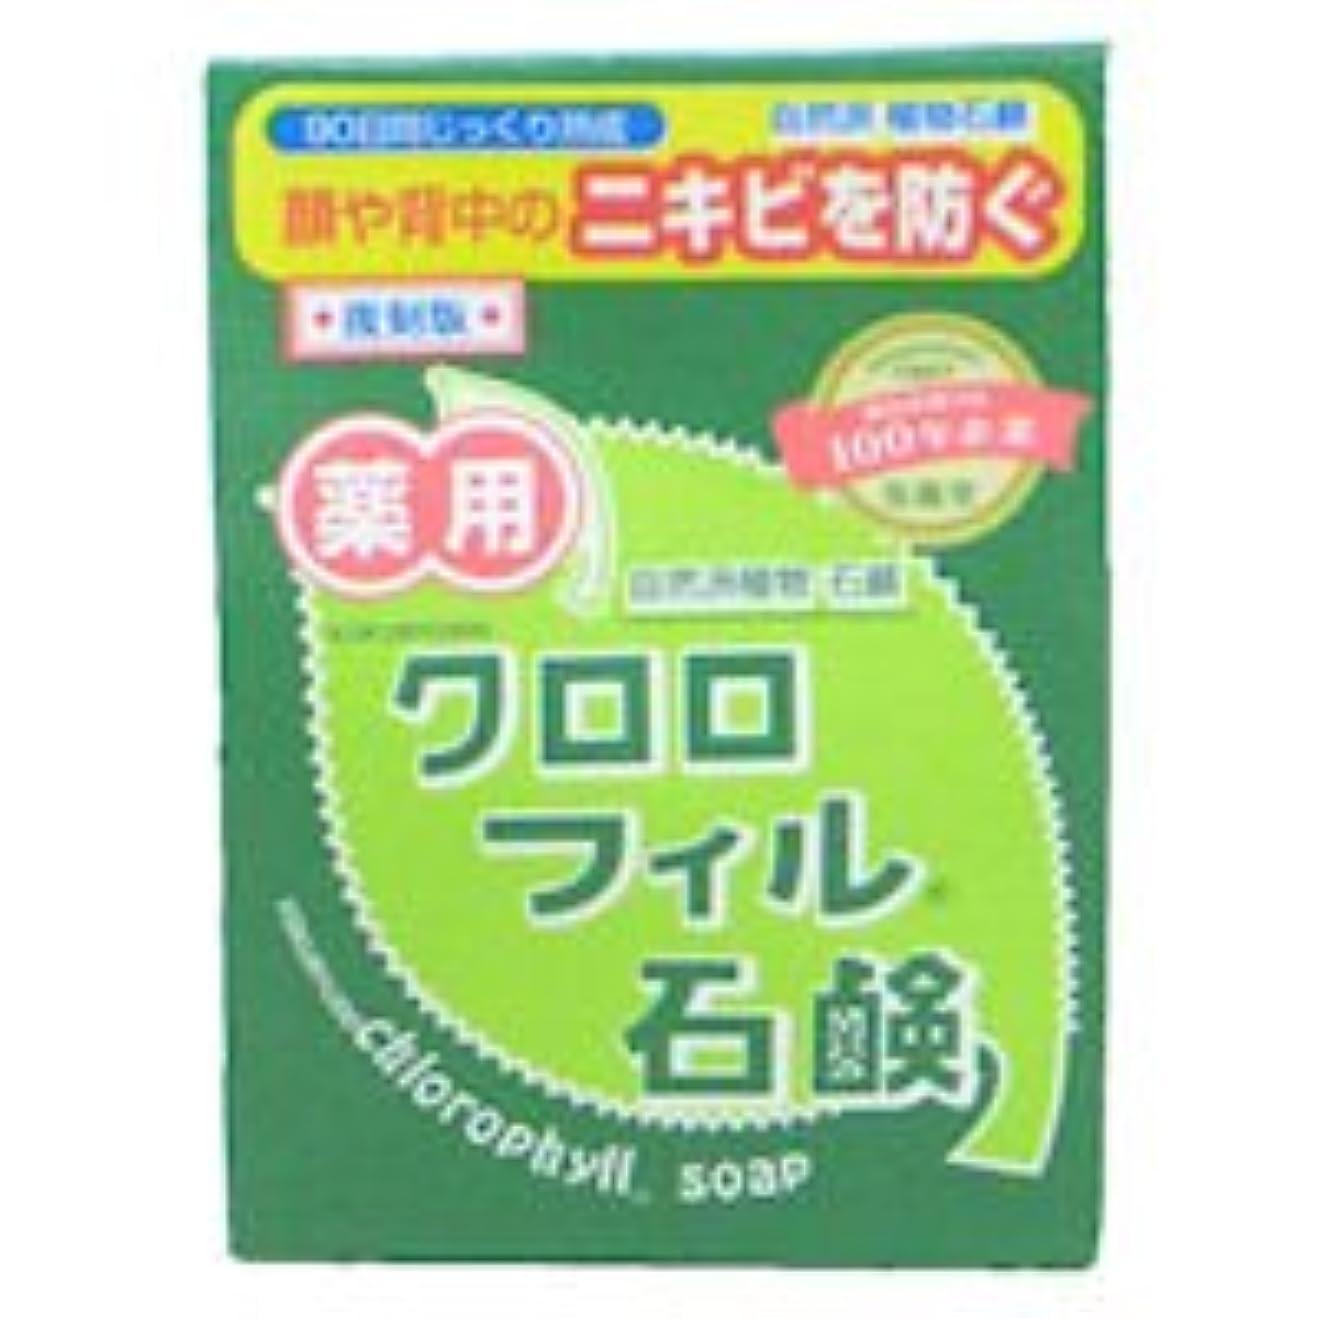 頑固なボール熟した【黒龍堂】薬用 クロロフィル石鹸 85g